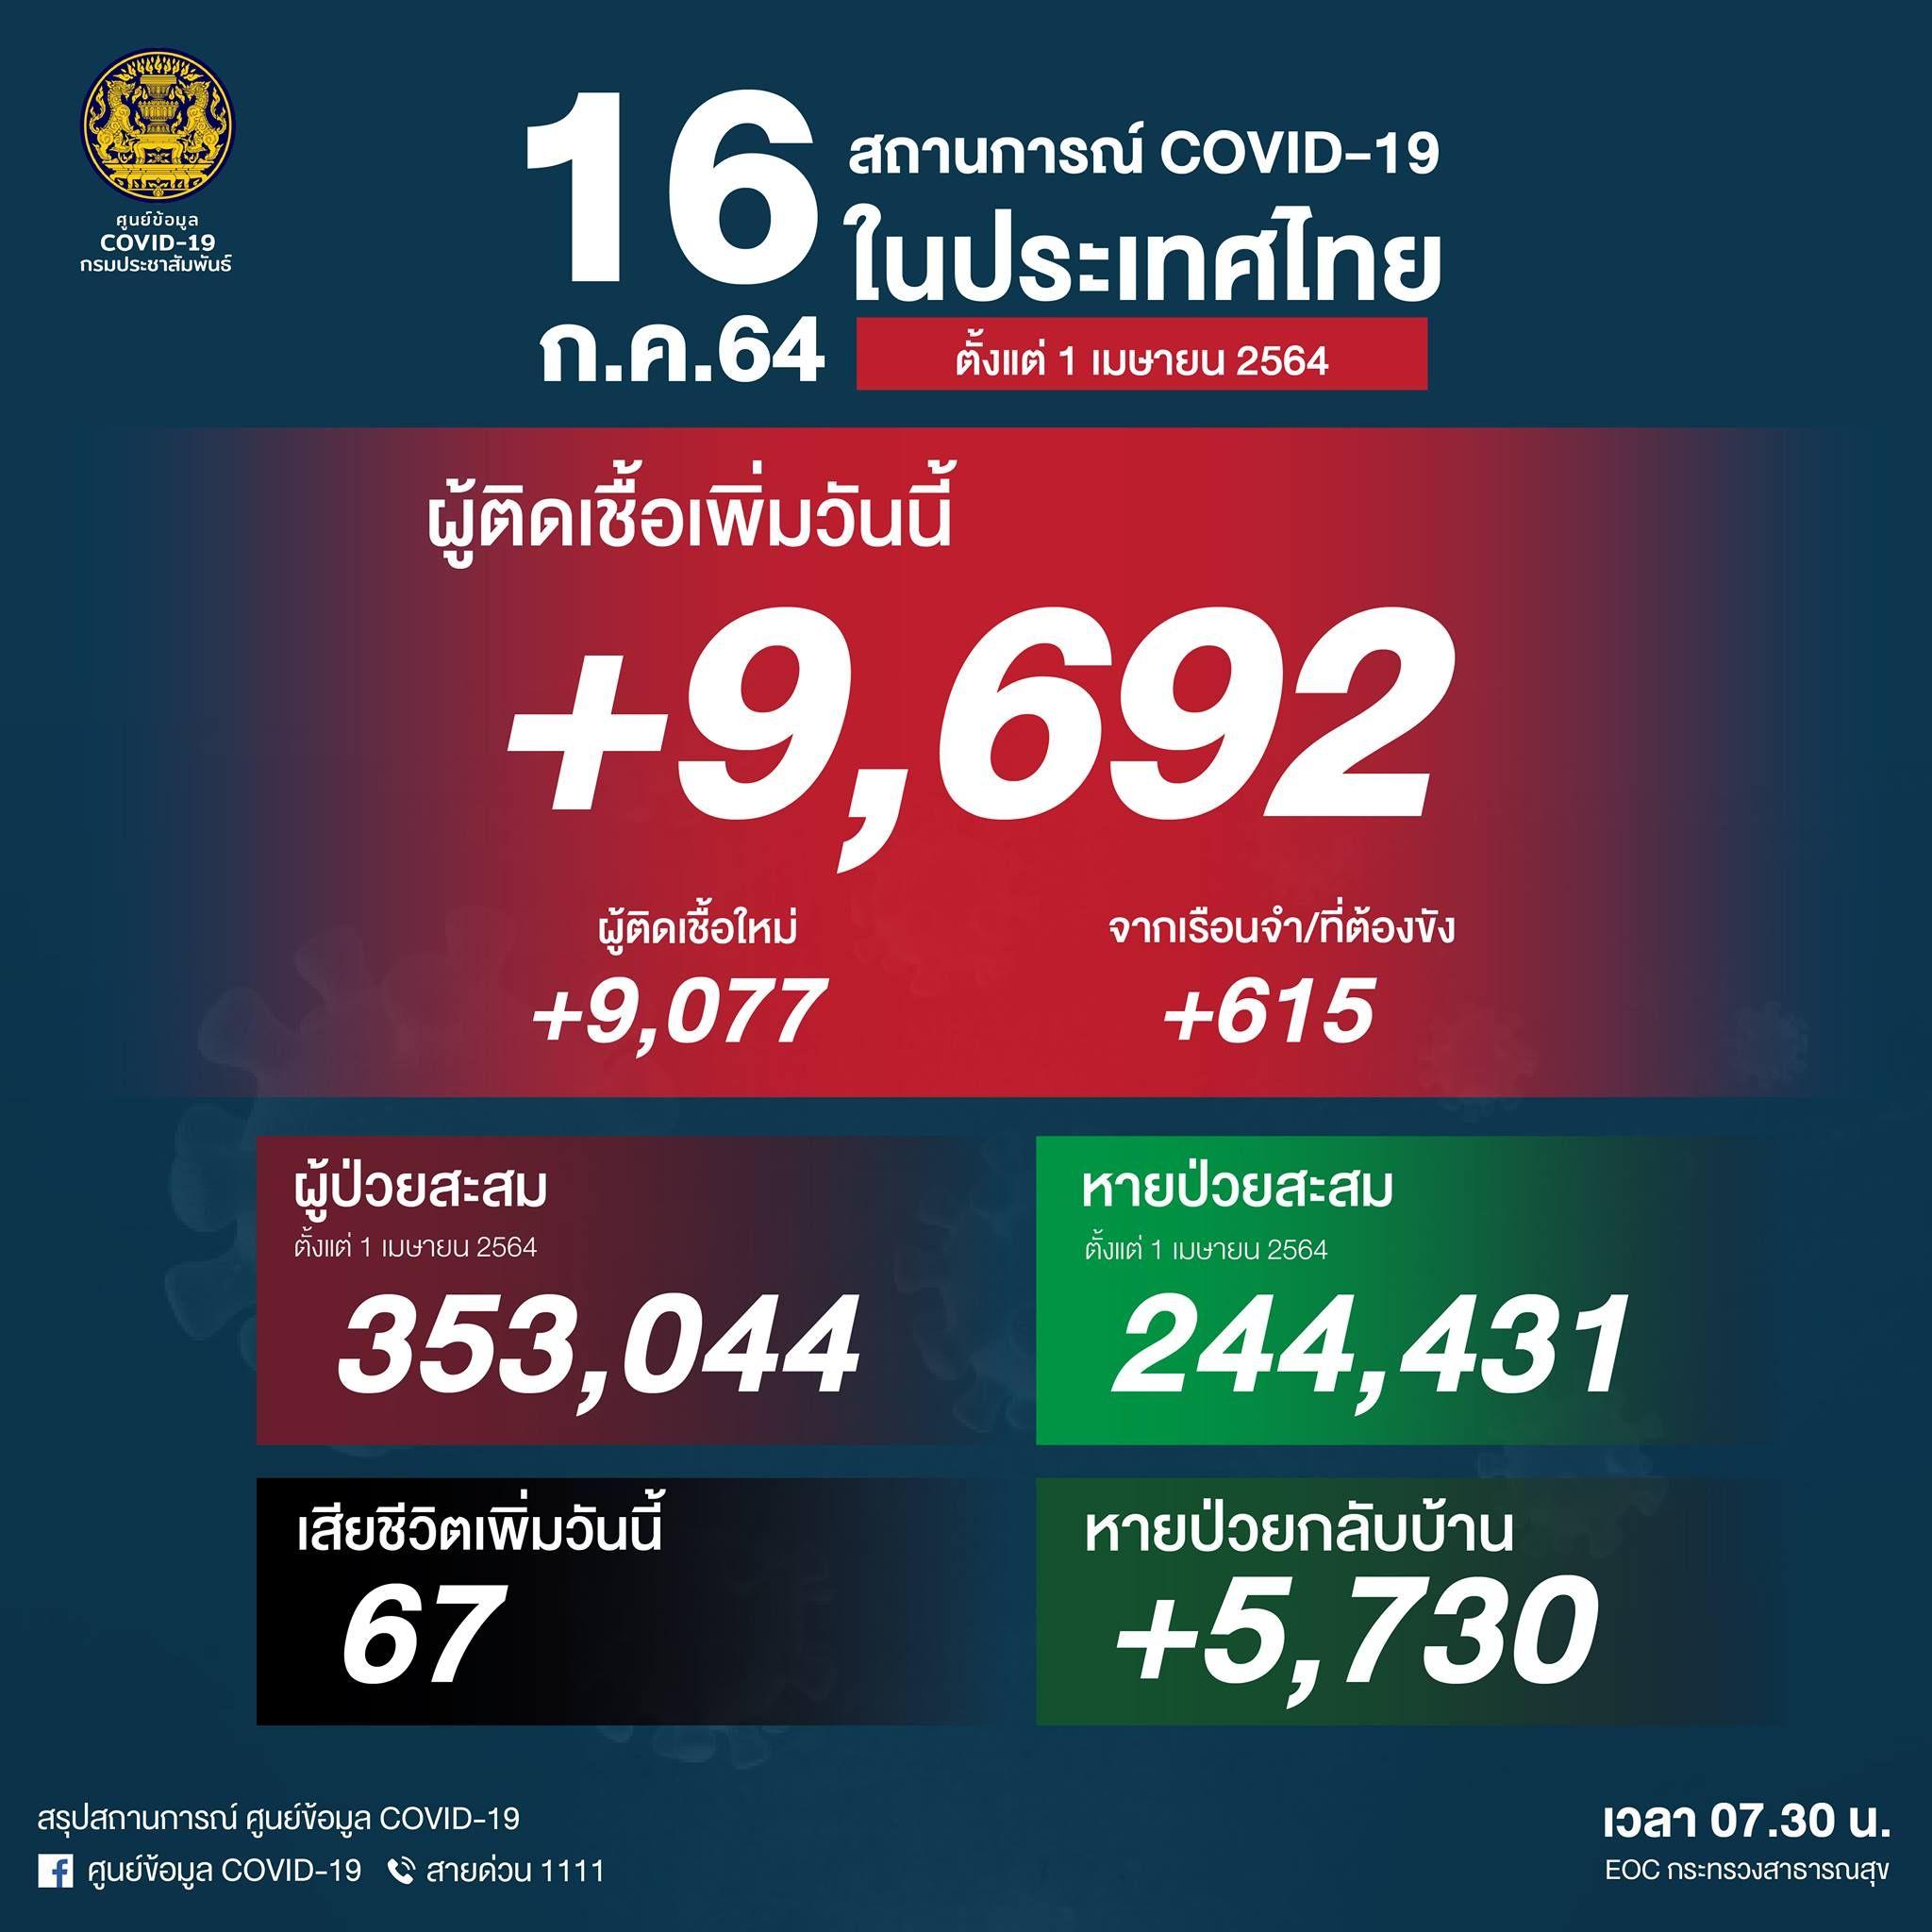 ยอด 'โควิด-19' วันนี้ ยังสูง! พบติดเชื้อเพิ่ม 9,692ราย เสียชีวิต 67 ราย